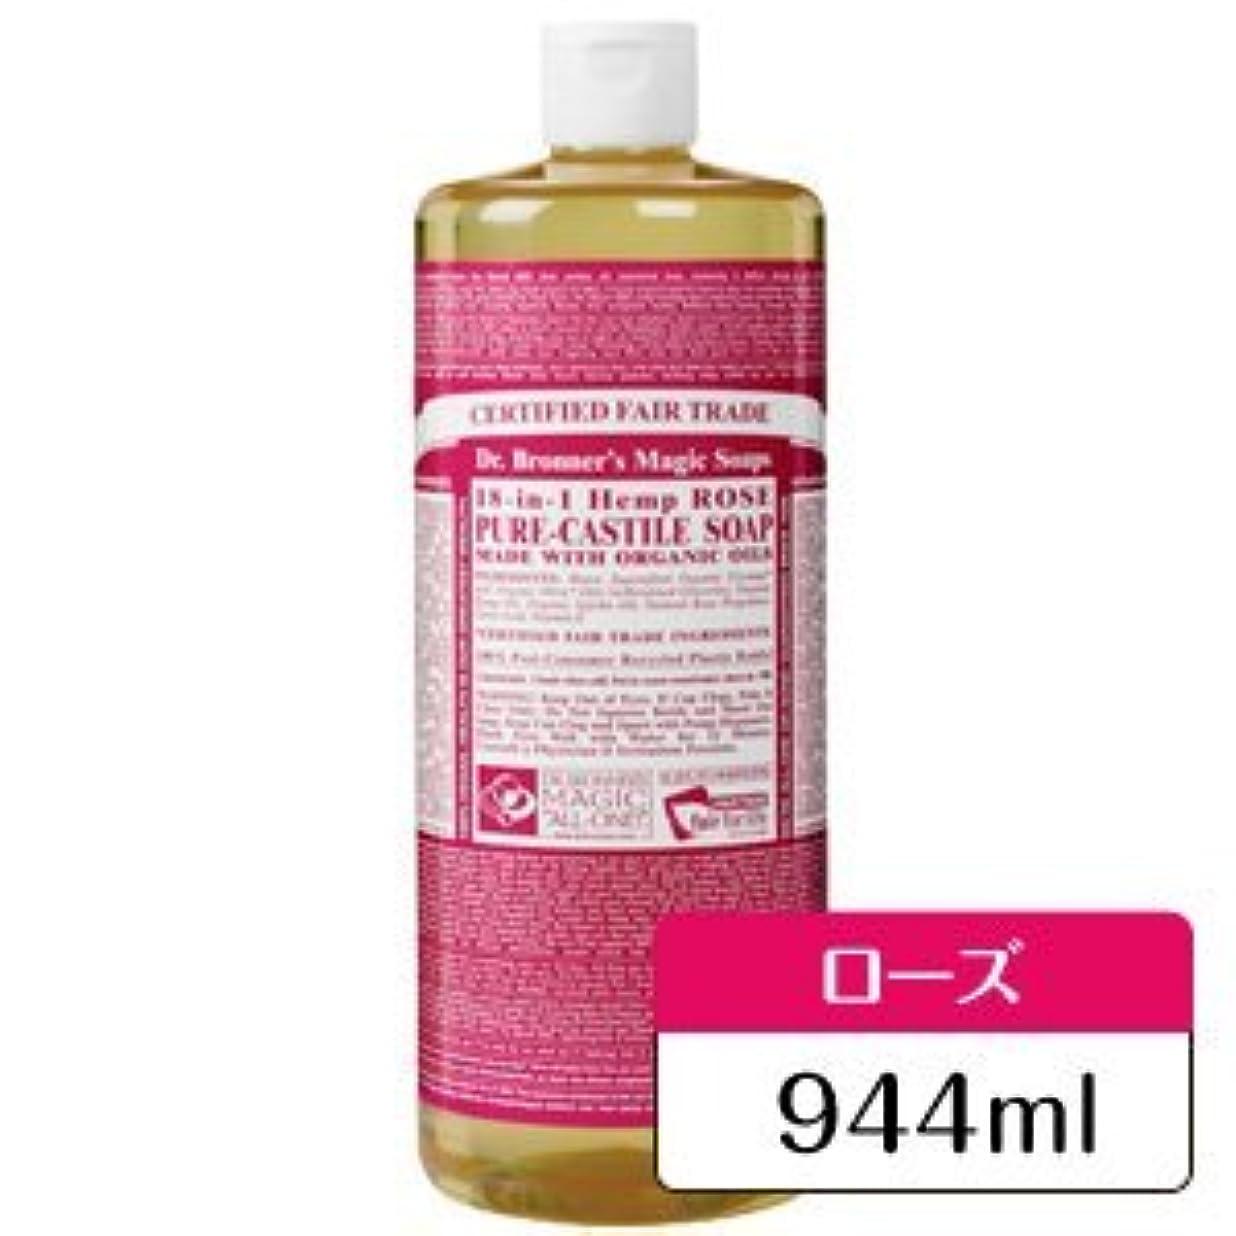 エントリレプリカアイザック【正規輸入品】 マジックソープ 944ml (ローズ)